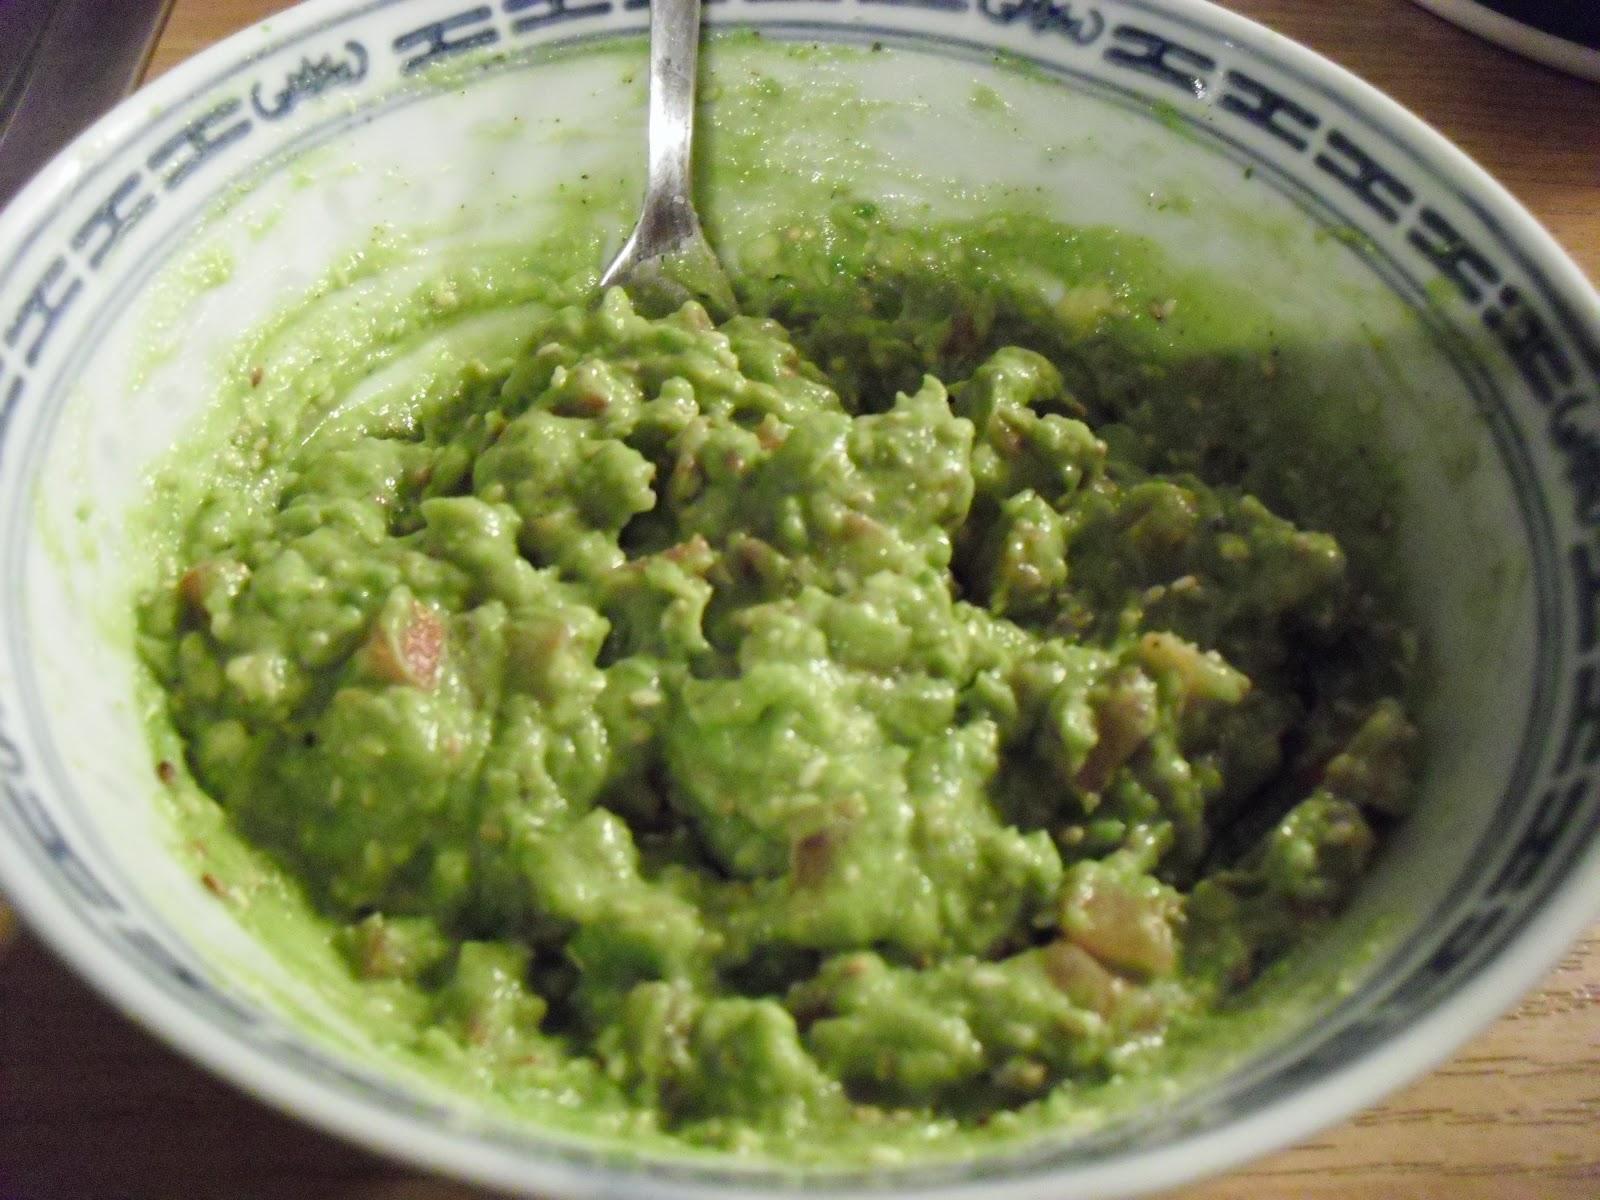 Kira's Cooking Blog: Light Lunch Wraps + Guacamole Recipe